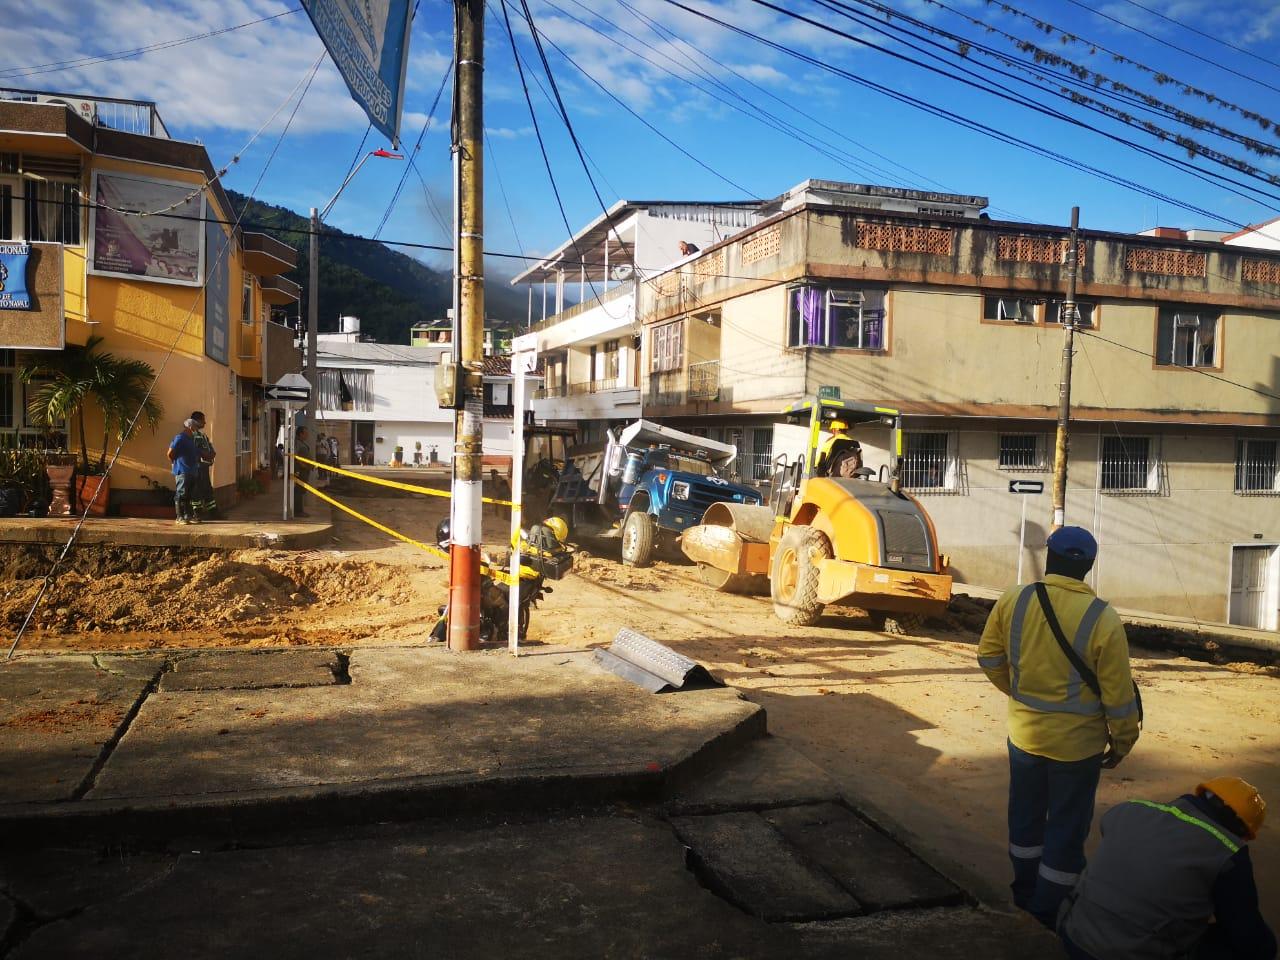 Avanza rehabilitación de vía que conecta al barrio La Pola con el Parque Centenario